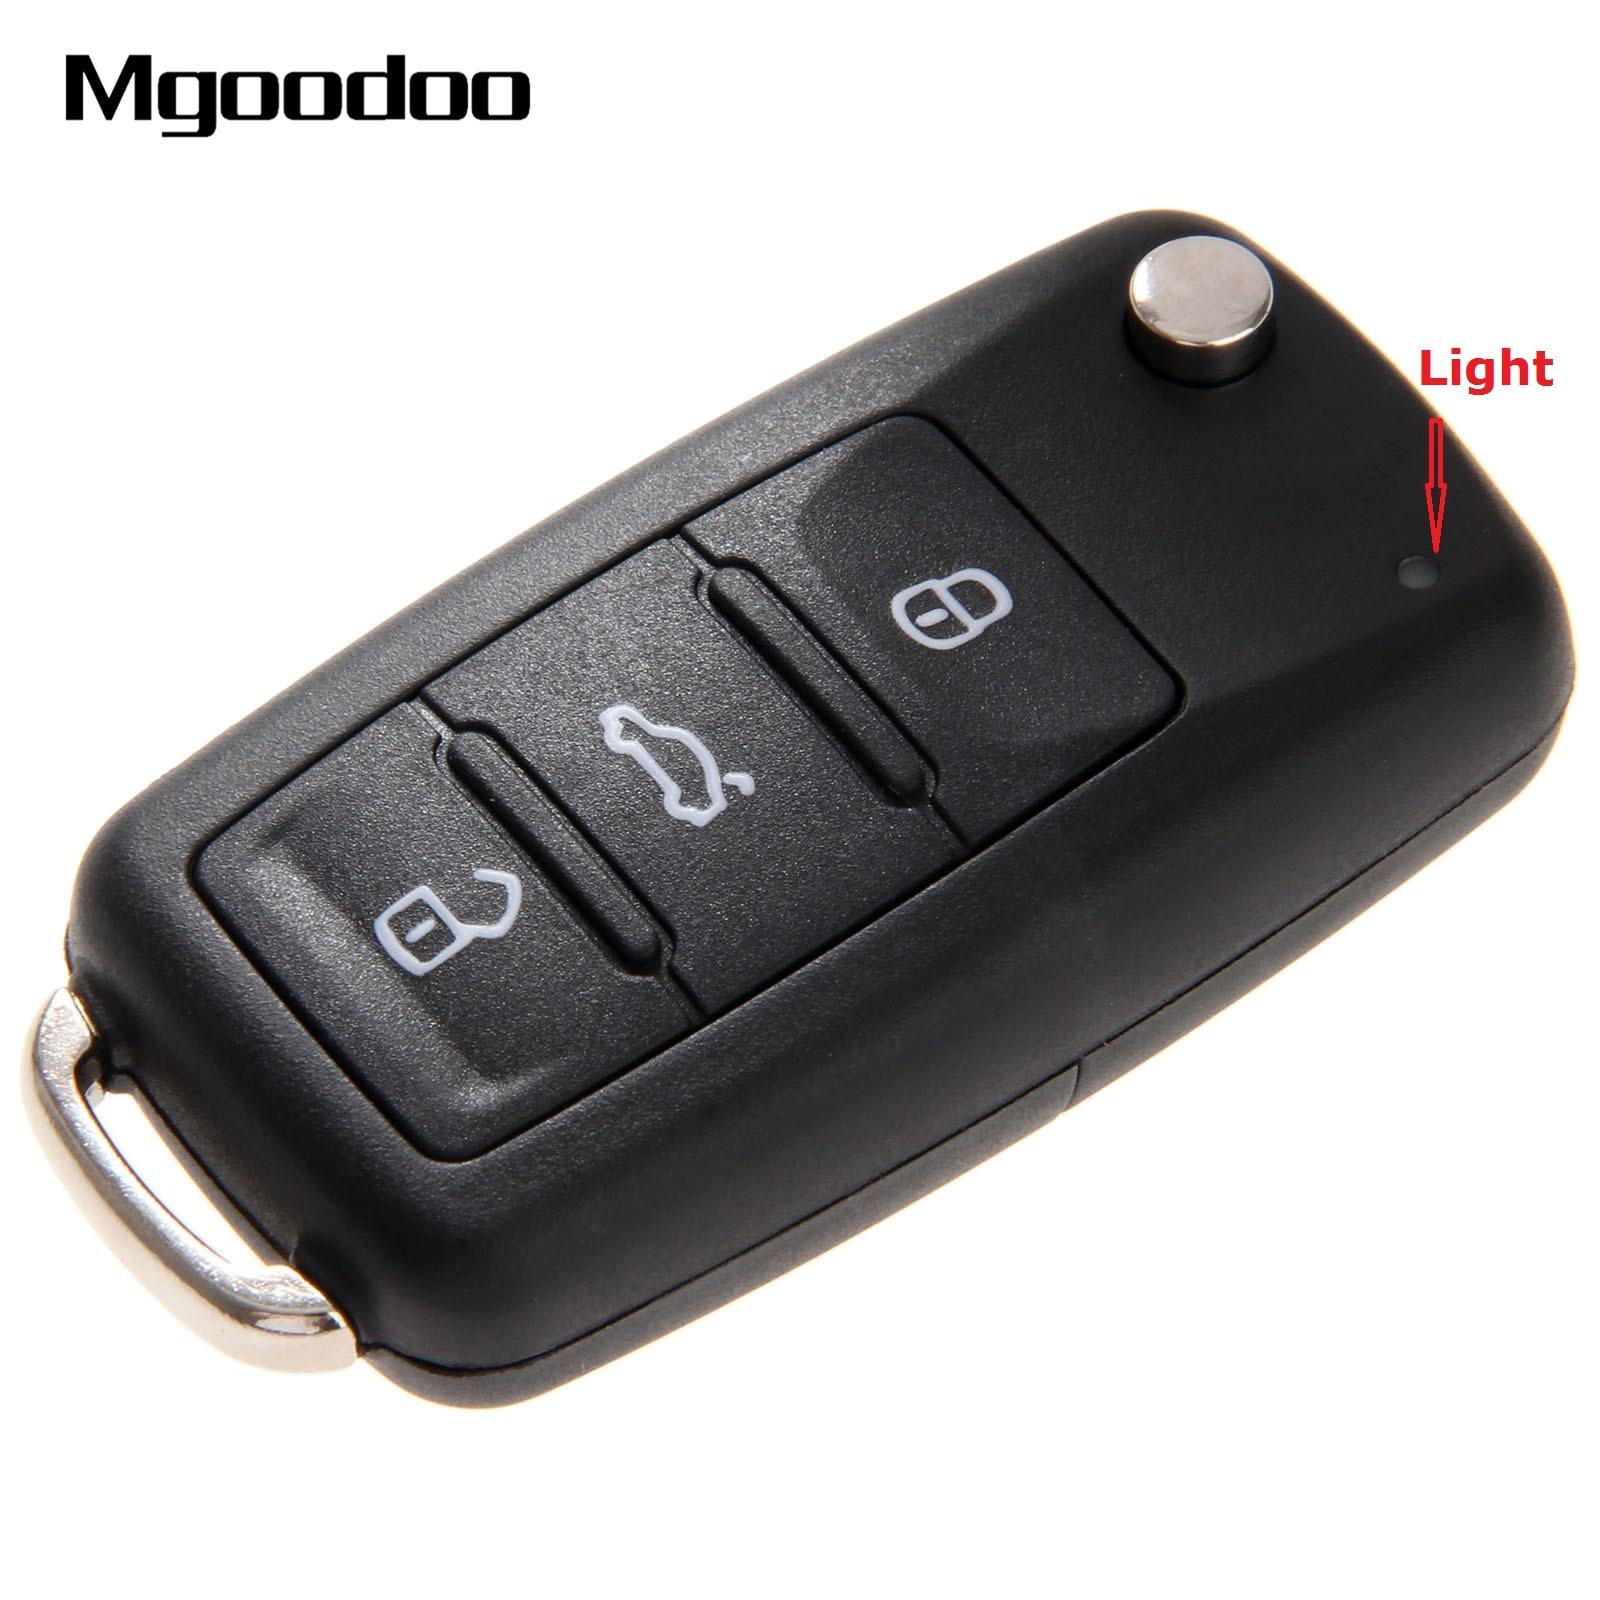 Coque de clé à distance de voiture pliante à 3 boutons pour VW Volkswagen Golf Mk6 Tiguan Polo Passat CC siège Skoda Octavia boîte vierge Fob